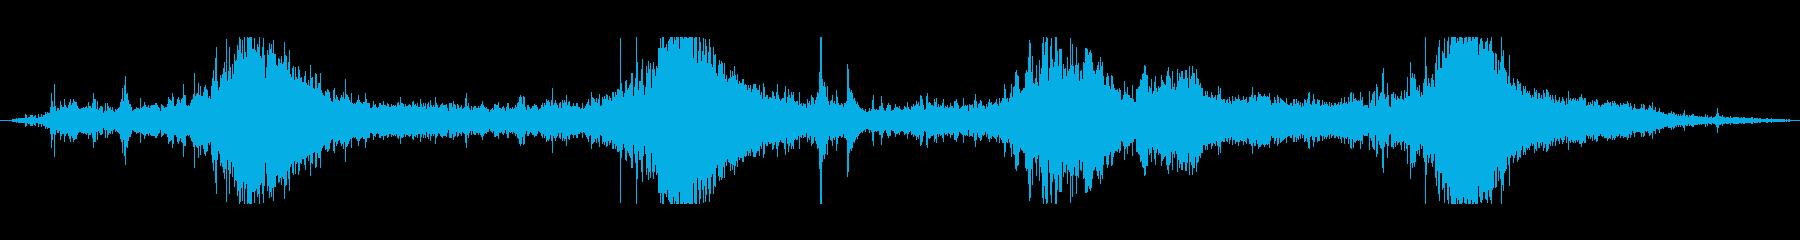 ジェットスキーパスbの再生済みの波形